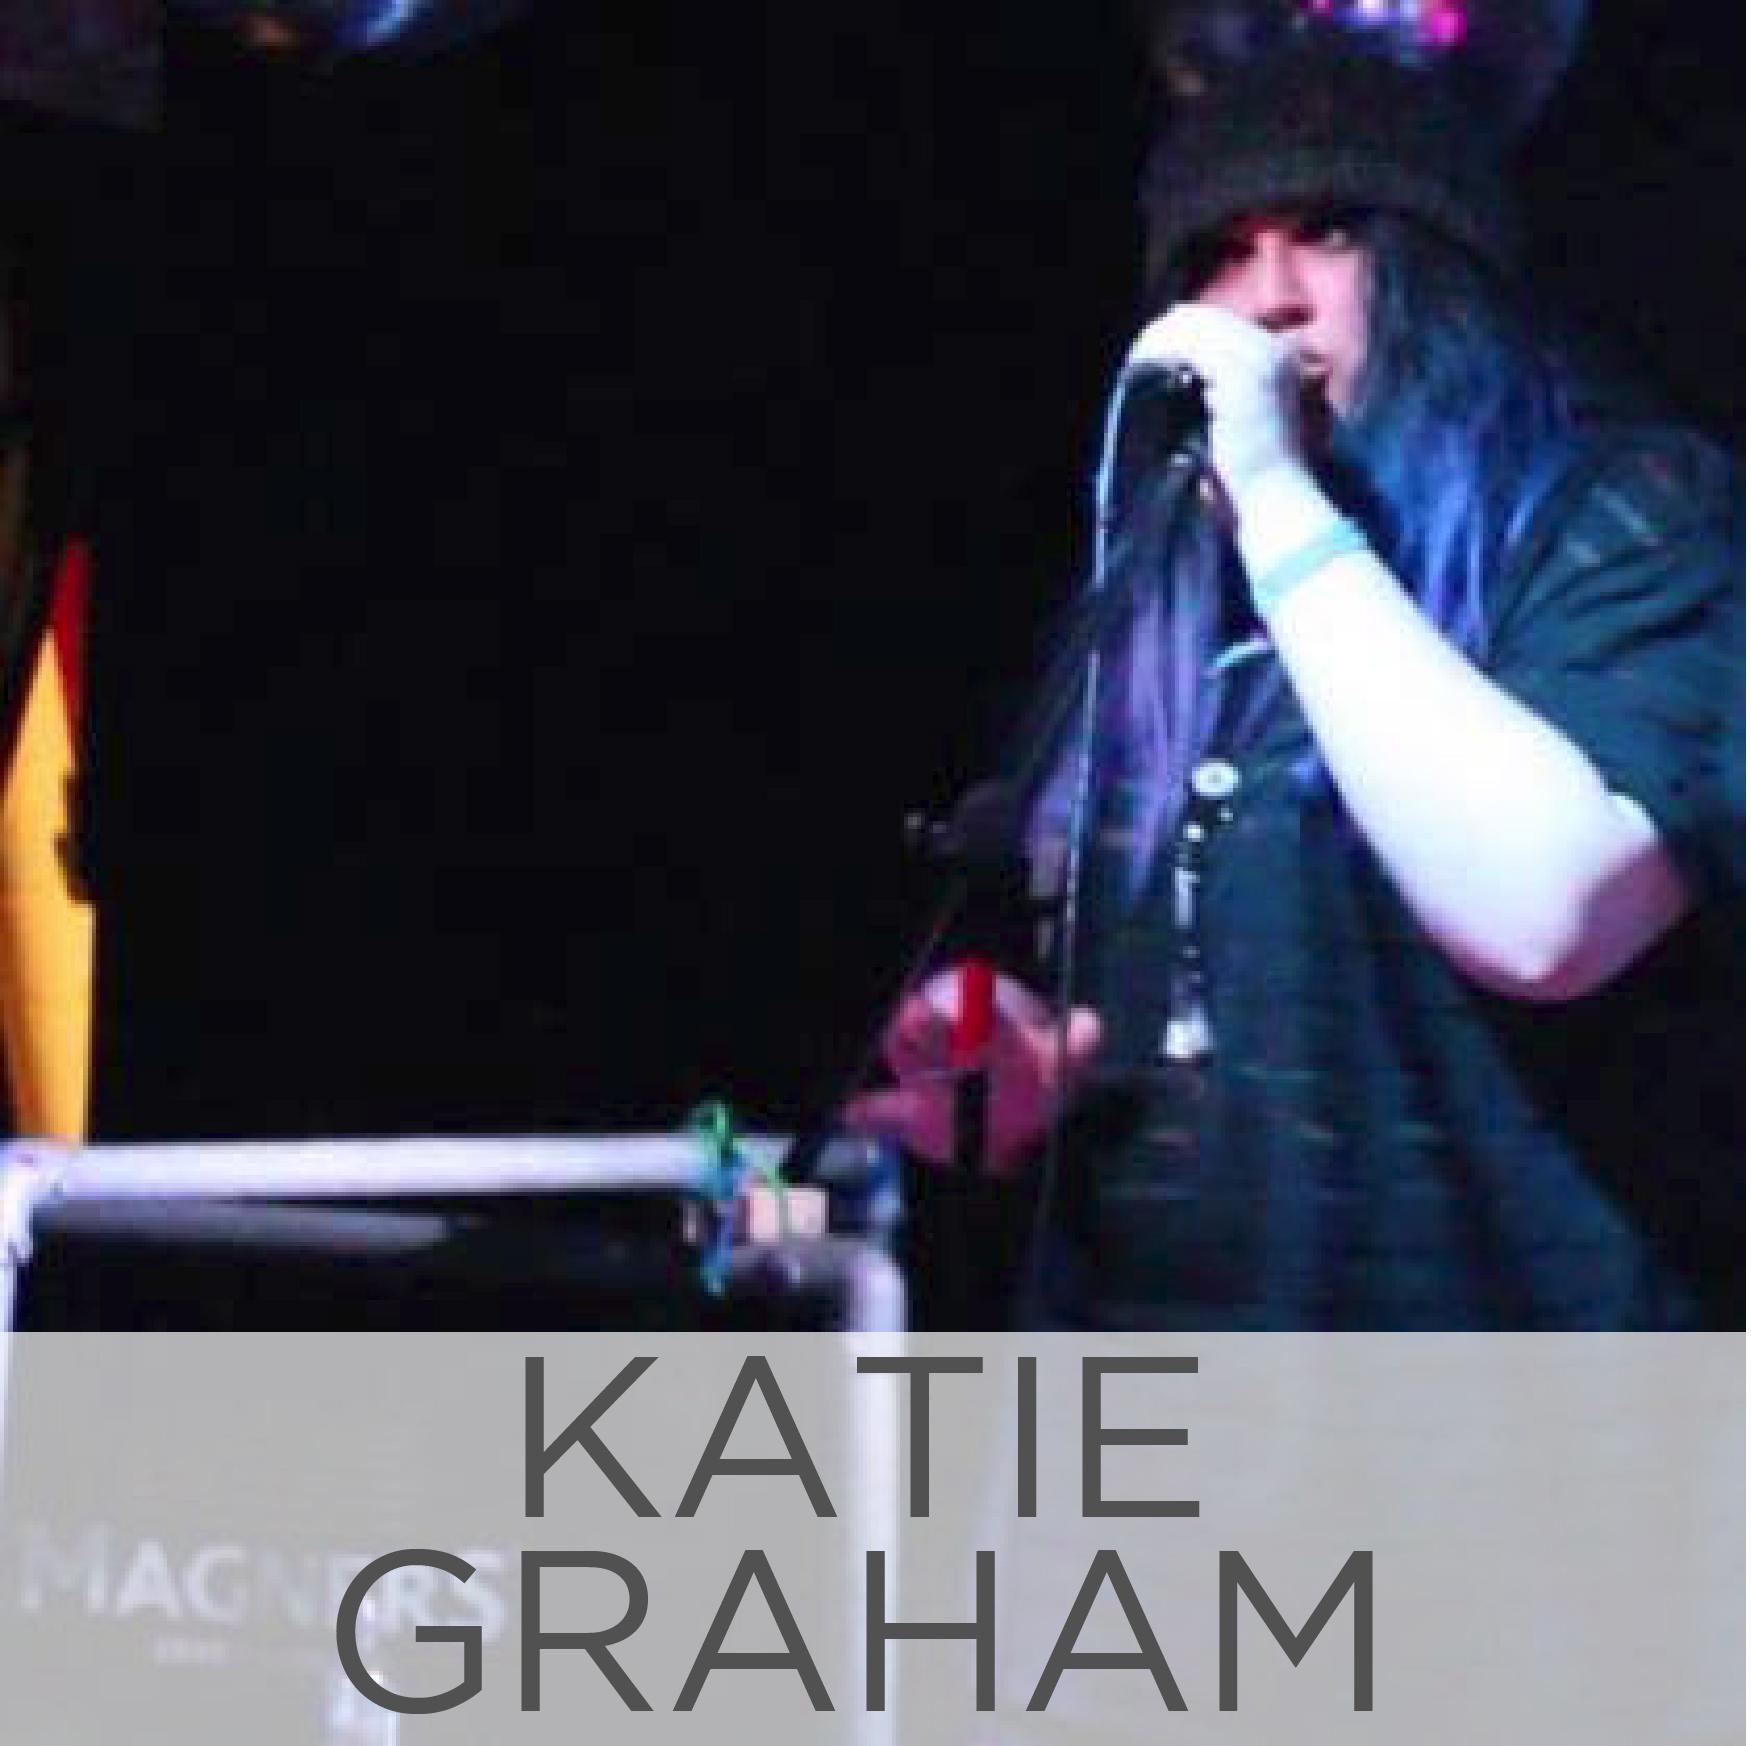 Katie Graham